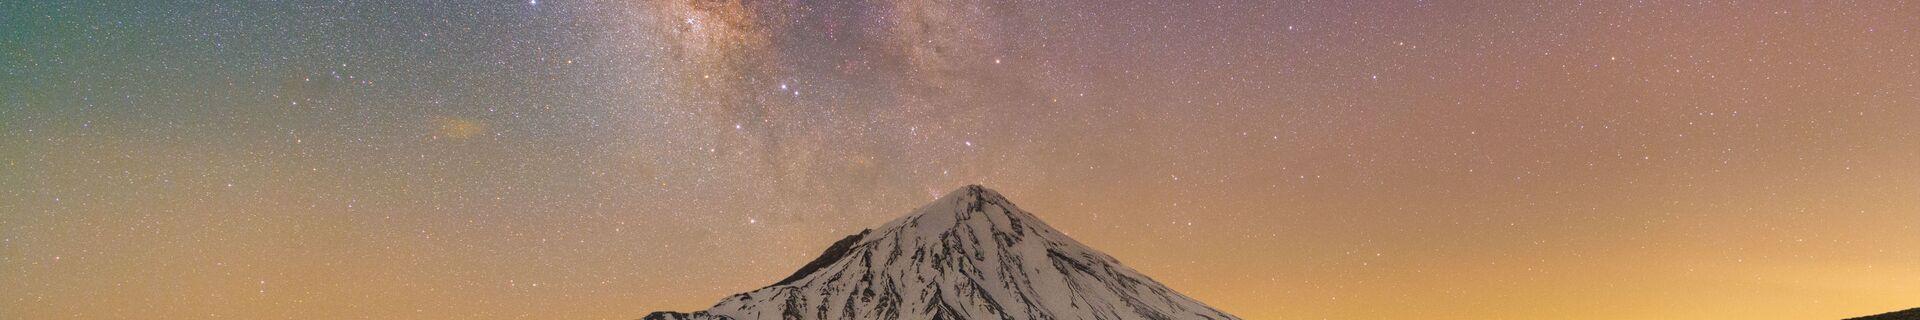 Yılın Astronomi Fotoğrafçısı Yarışmasının finalistleri - Sputnik Türkiye